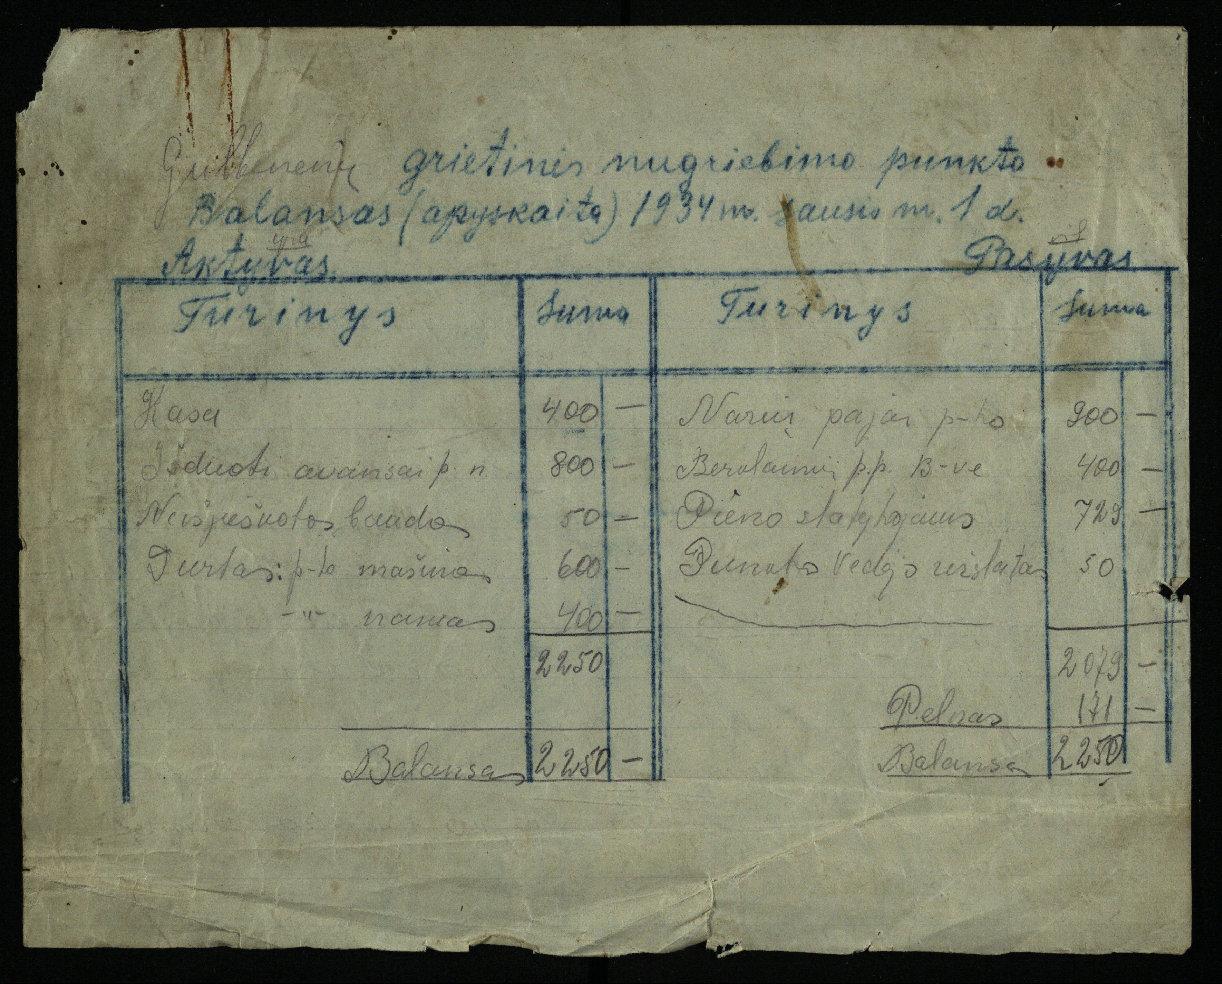 Biržų apskrities Krinčino valsčiaus Gulbinėnų kaimo grietinės nugriebimo punkto balansas, 1934 m.